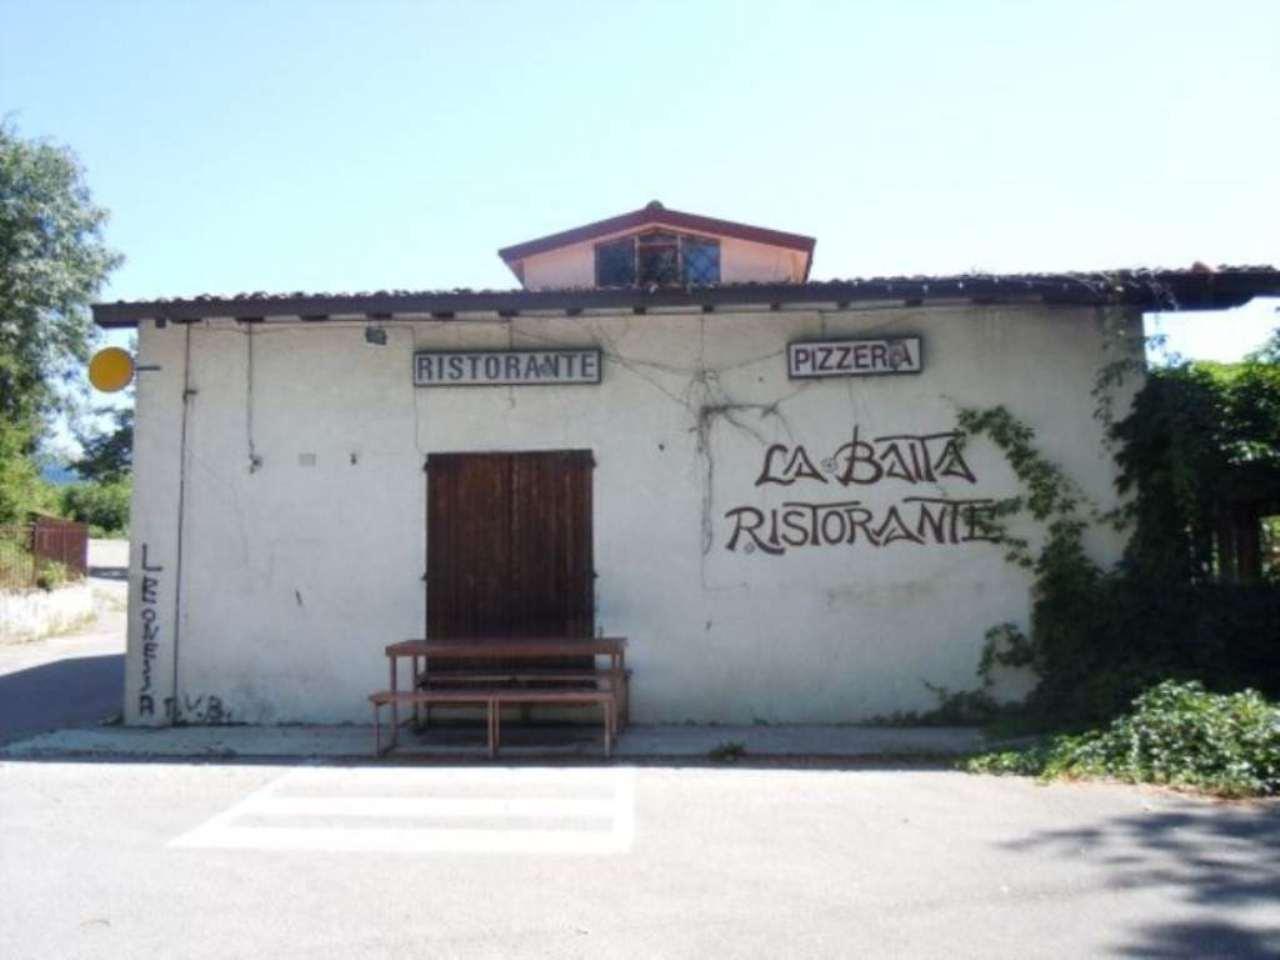 Albergo in vendita a Solto Collina, 9999 locali, Trattative riservate | PortaleAgenzieImmobiliari.it